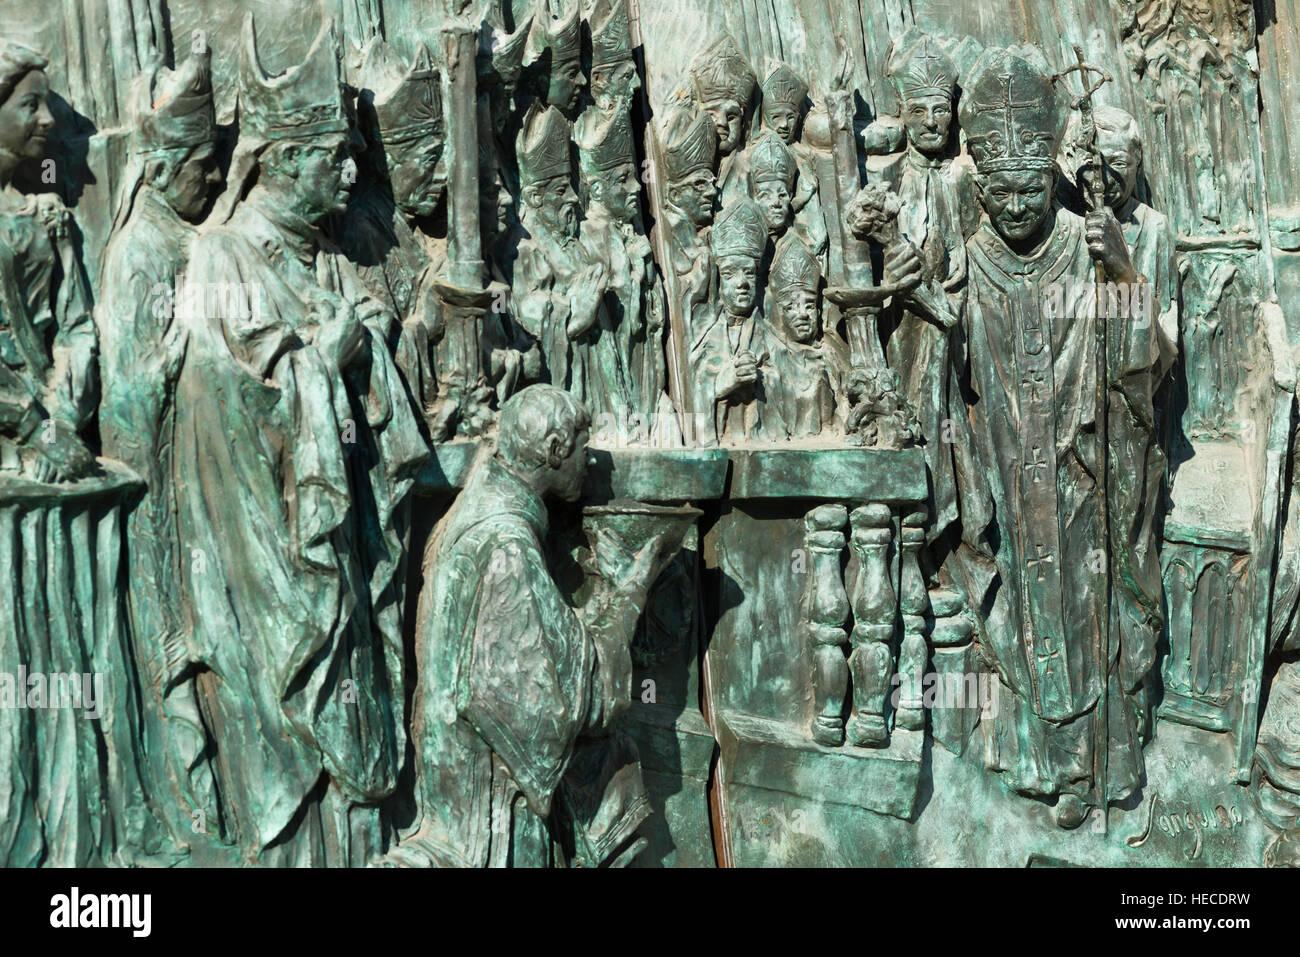 Almudena Cathedral, Santa María la Real de La Almudena. Detail of bronze doors at entrance. Madrid, Spain - Stock Image